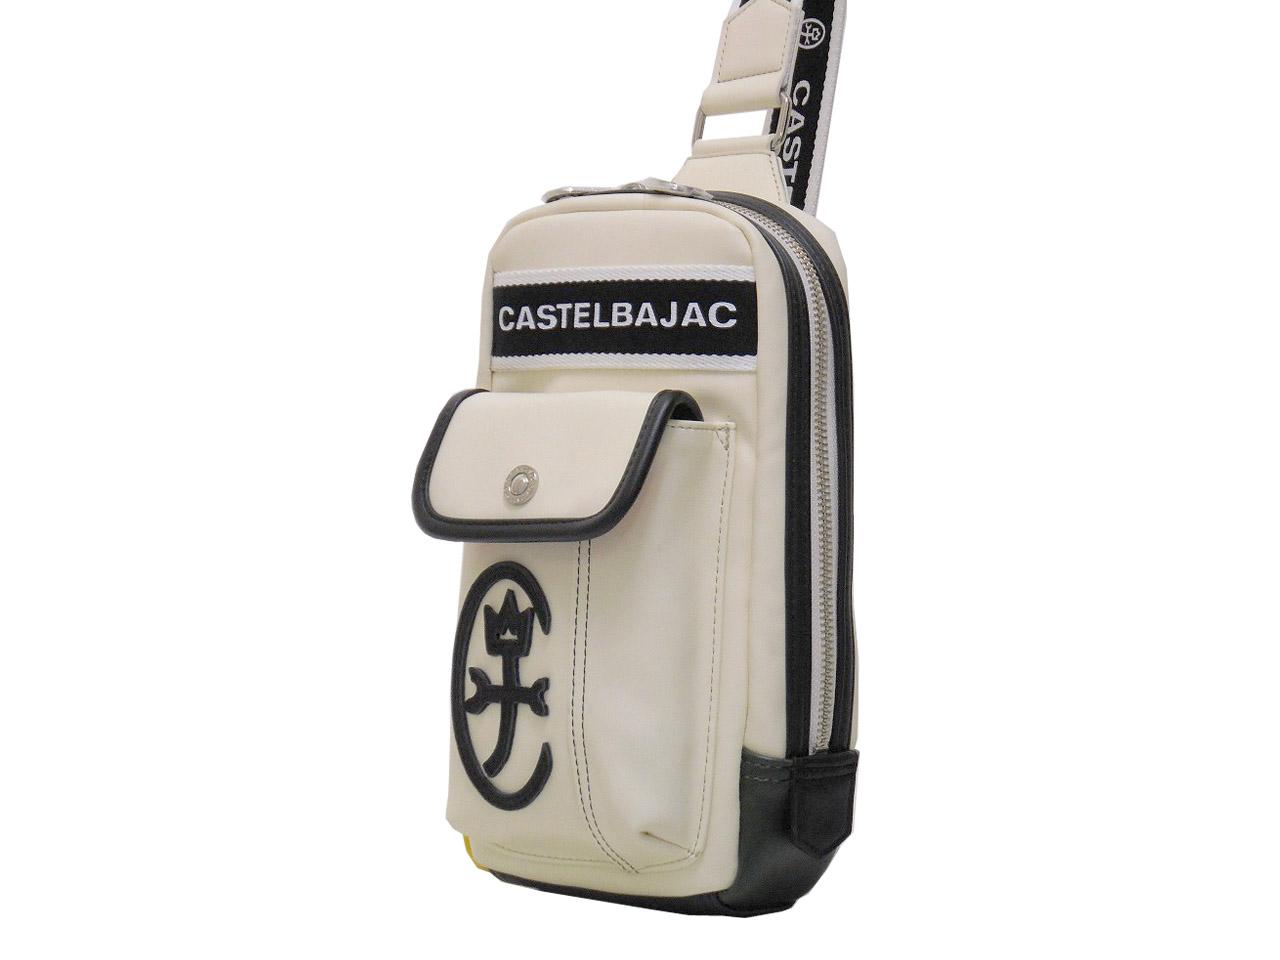 CASTELBAJAC カステルバジャック ドミネ ボディバッグ 送料無料/新品 024912 ついに再販開始 小サイズ ワンショルダー